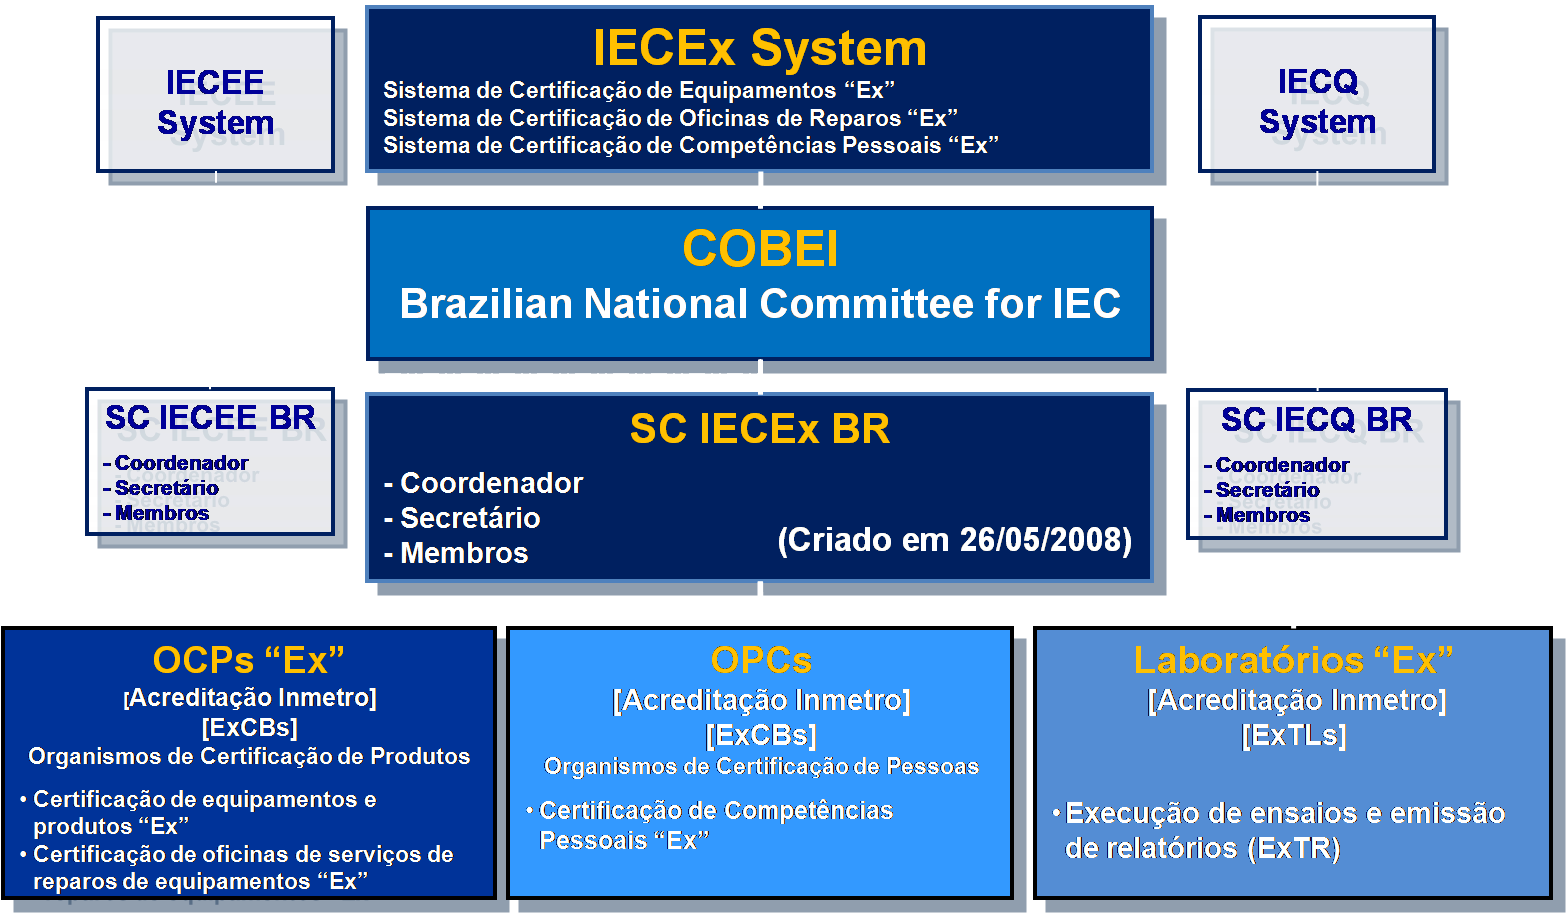 SC IECEx BR - Organograma do Subcomitê SC IECEx BR do COBEI e suas interfaces com o IECEx System.